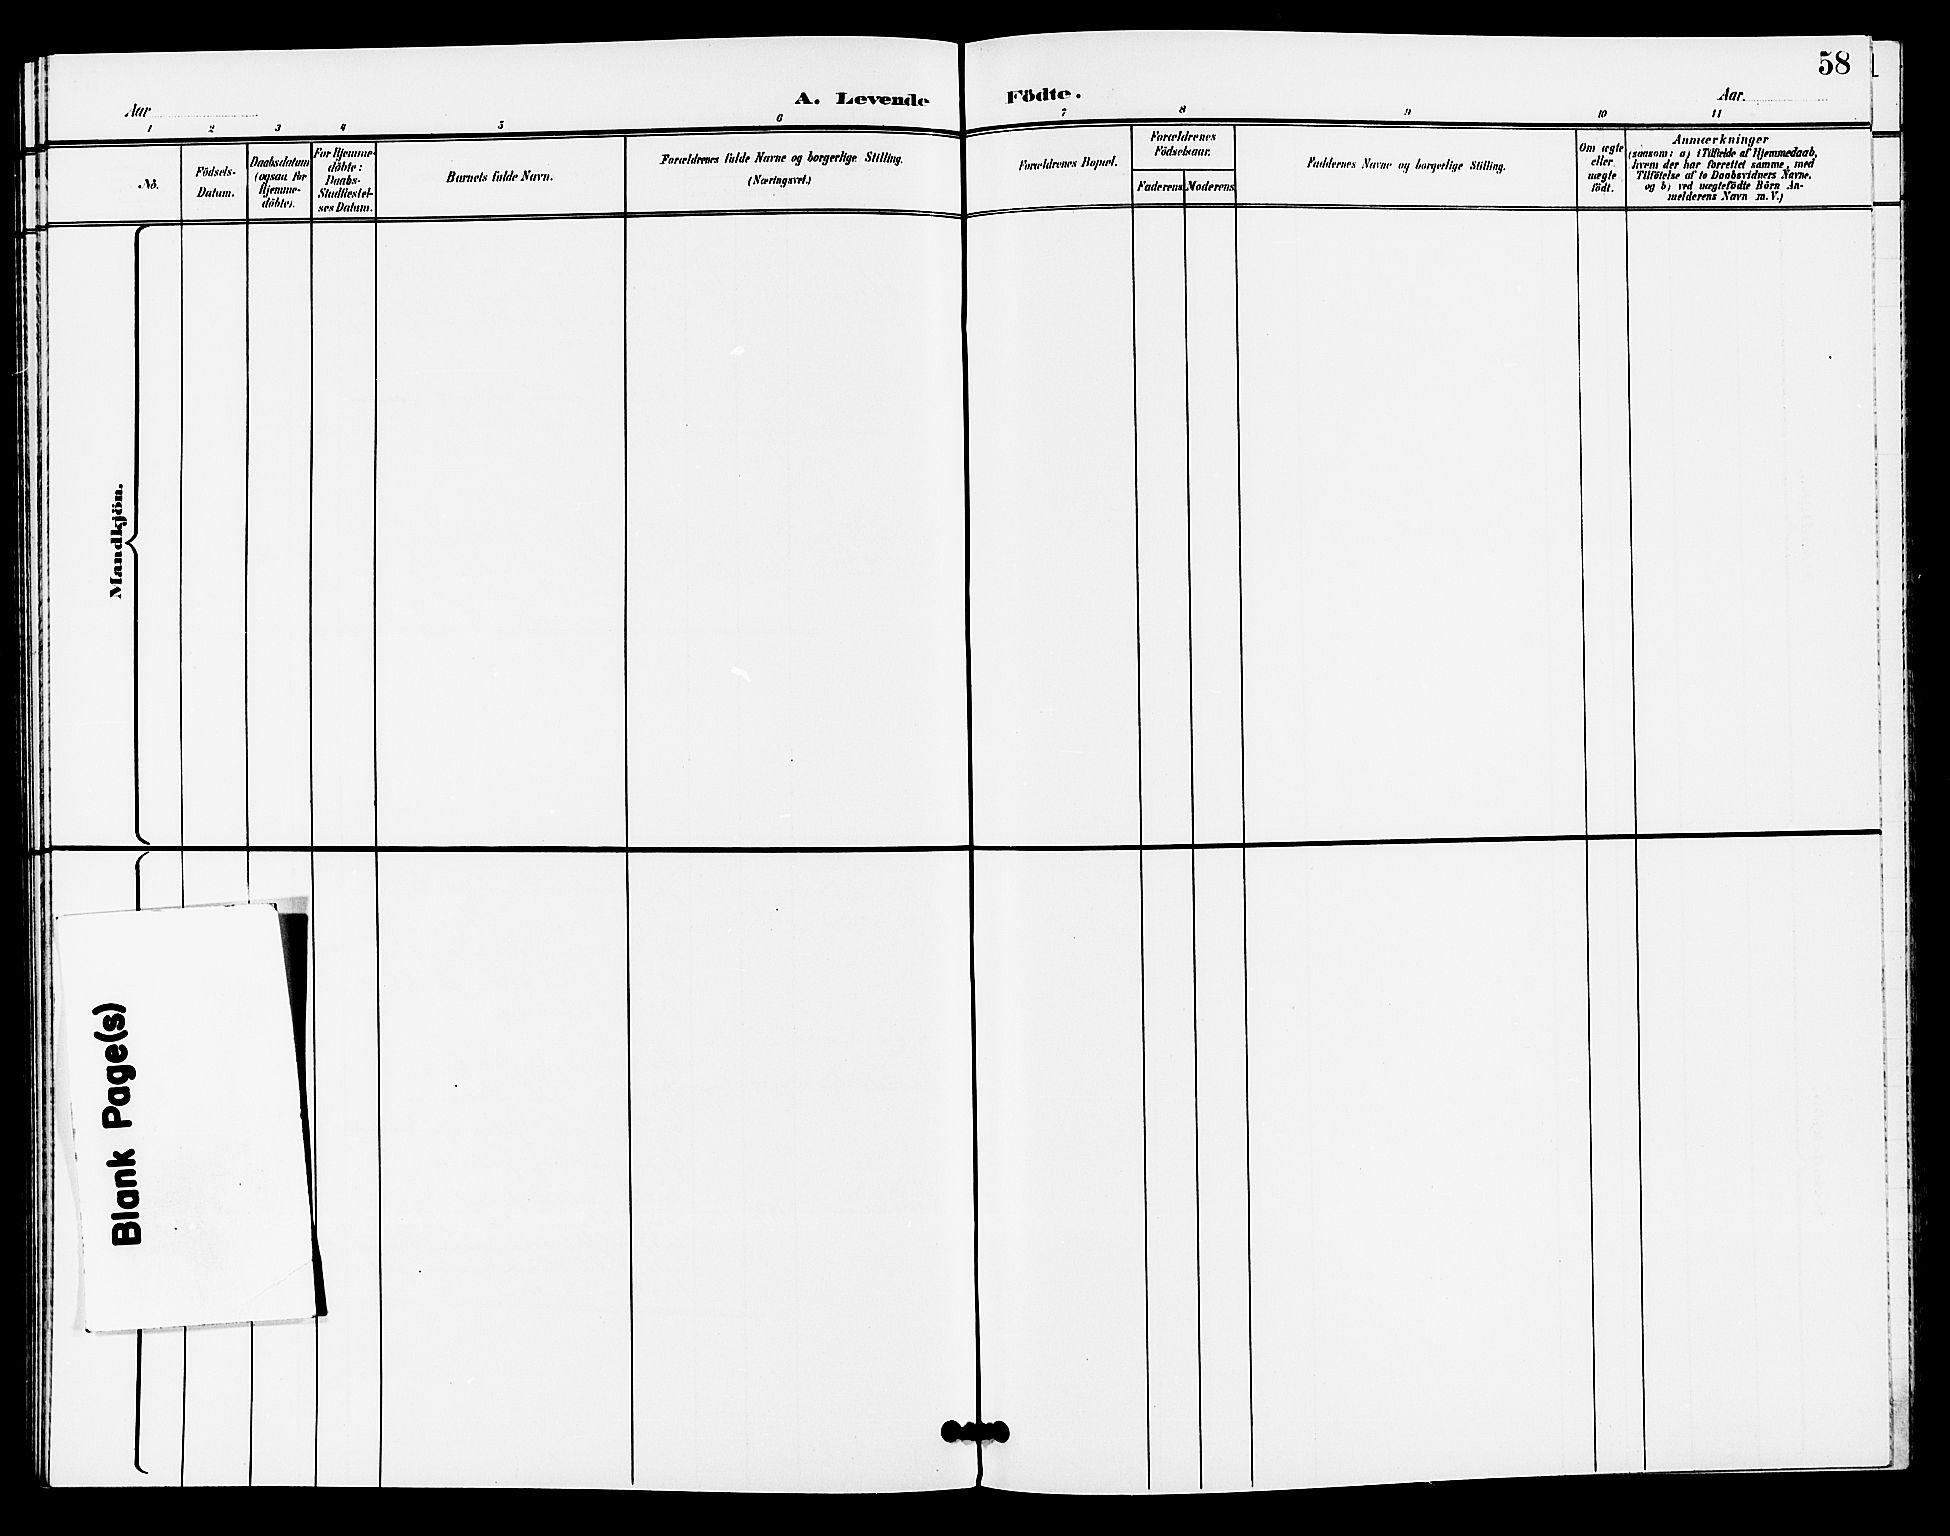 SAKO, Lunde kirkebøker, G/Ga/L0003: Klokkerbok nr. I 3, 1896-1905, s. 58